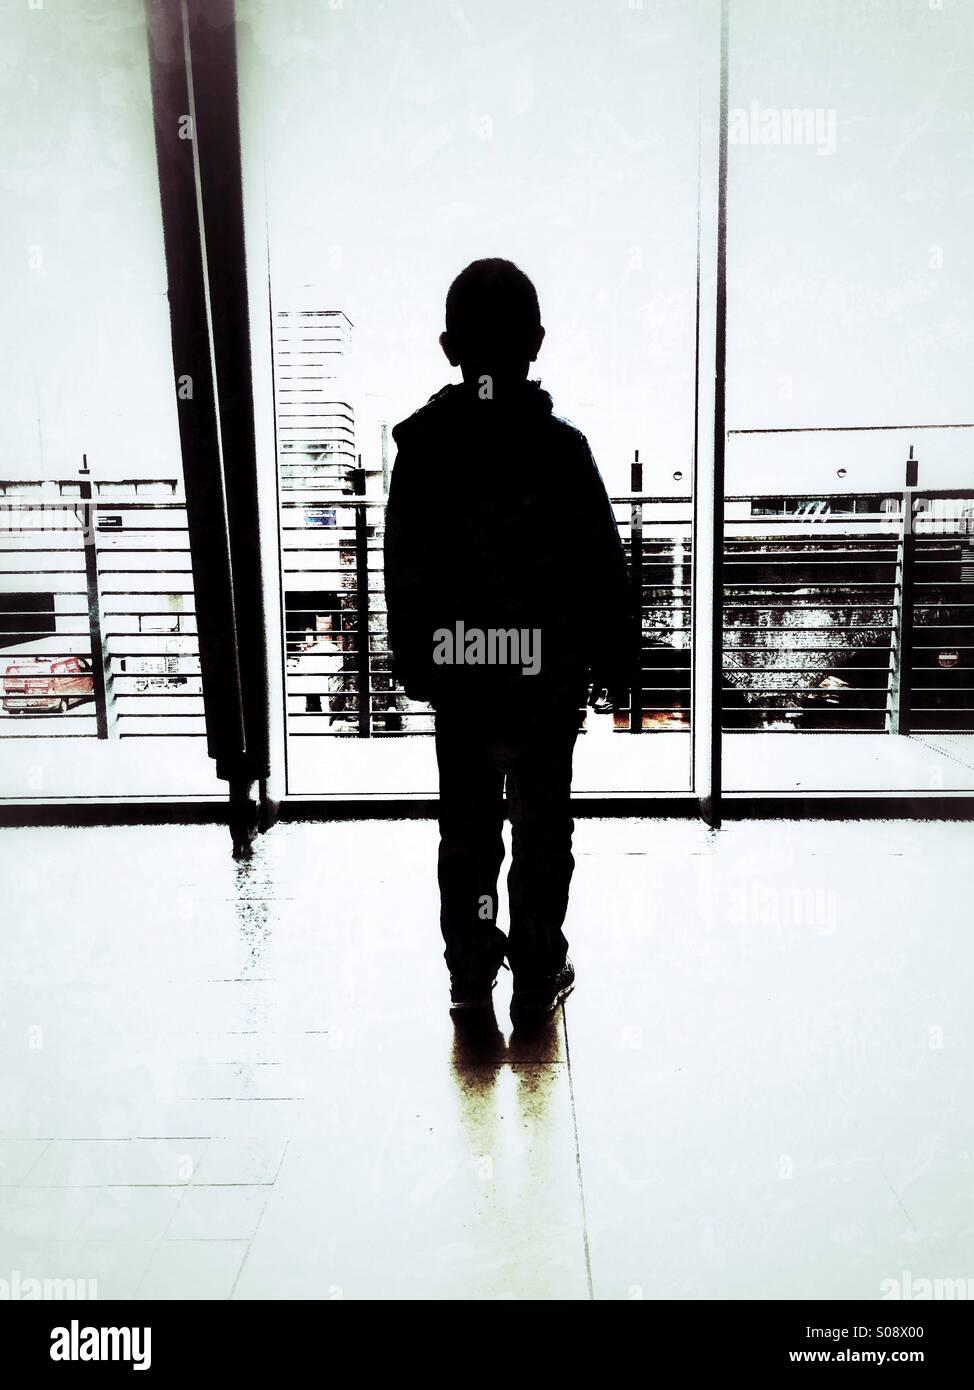 Garçon debout à l'intérieur d'un bâtiment Photo Stock